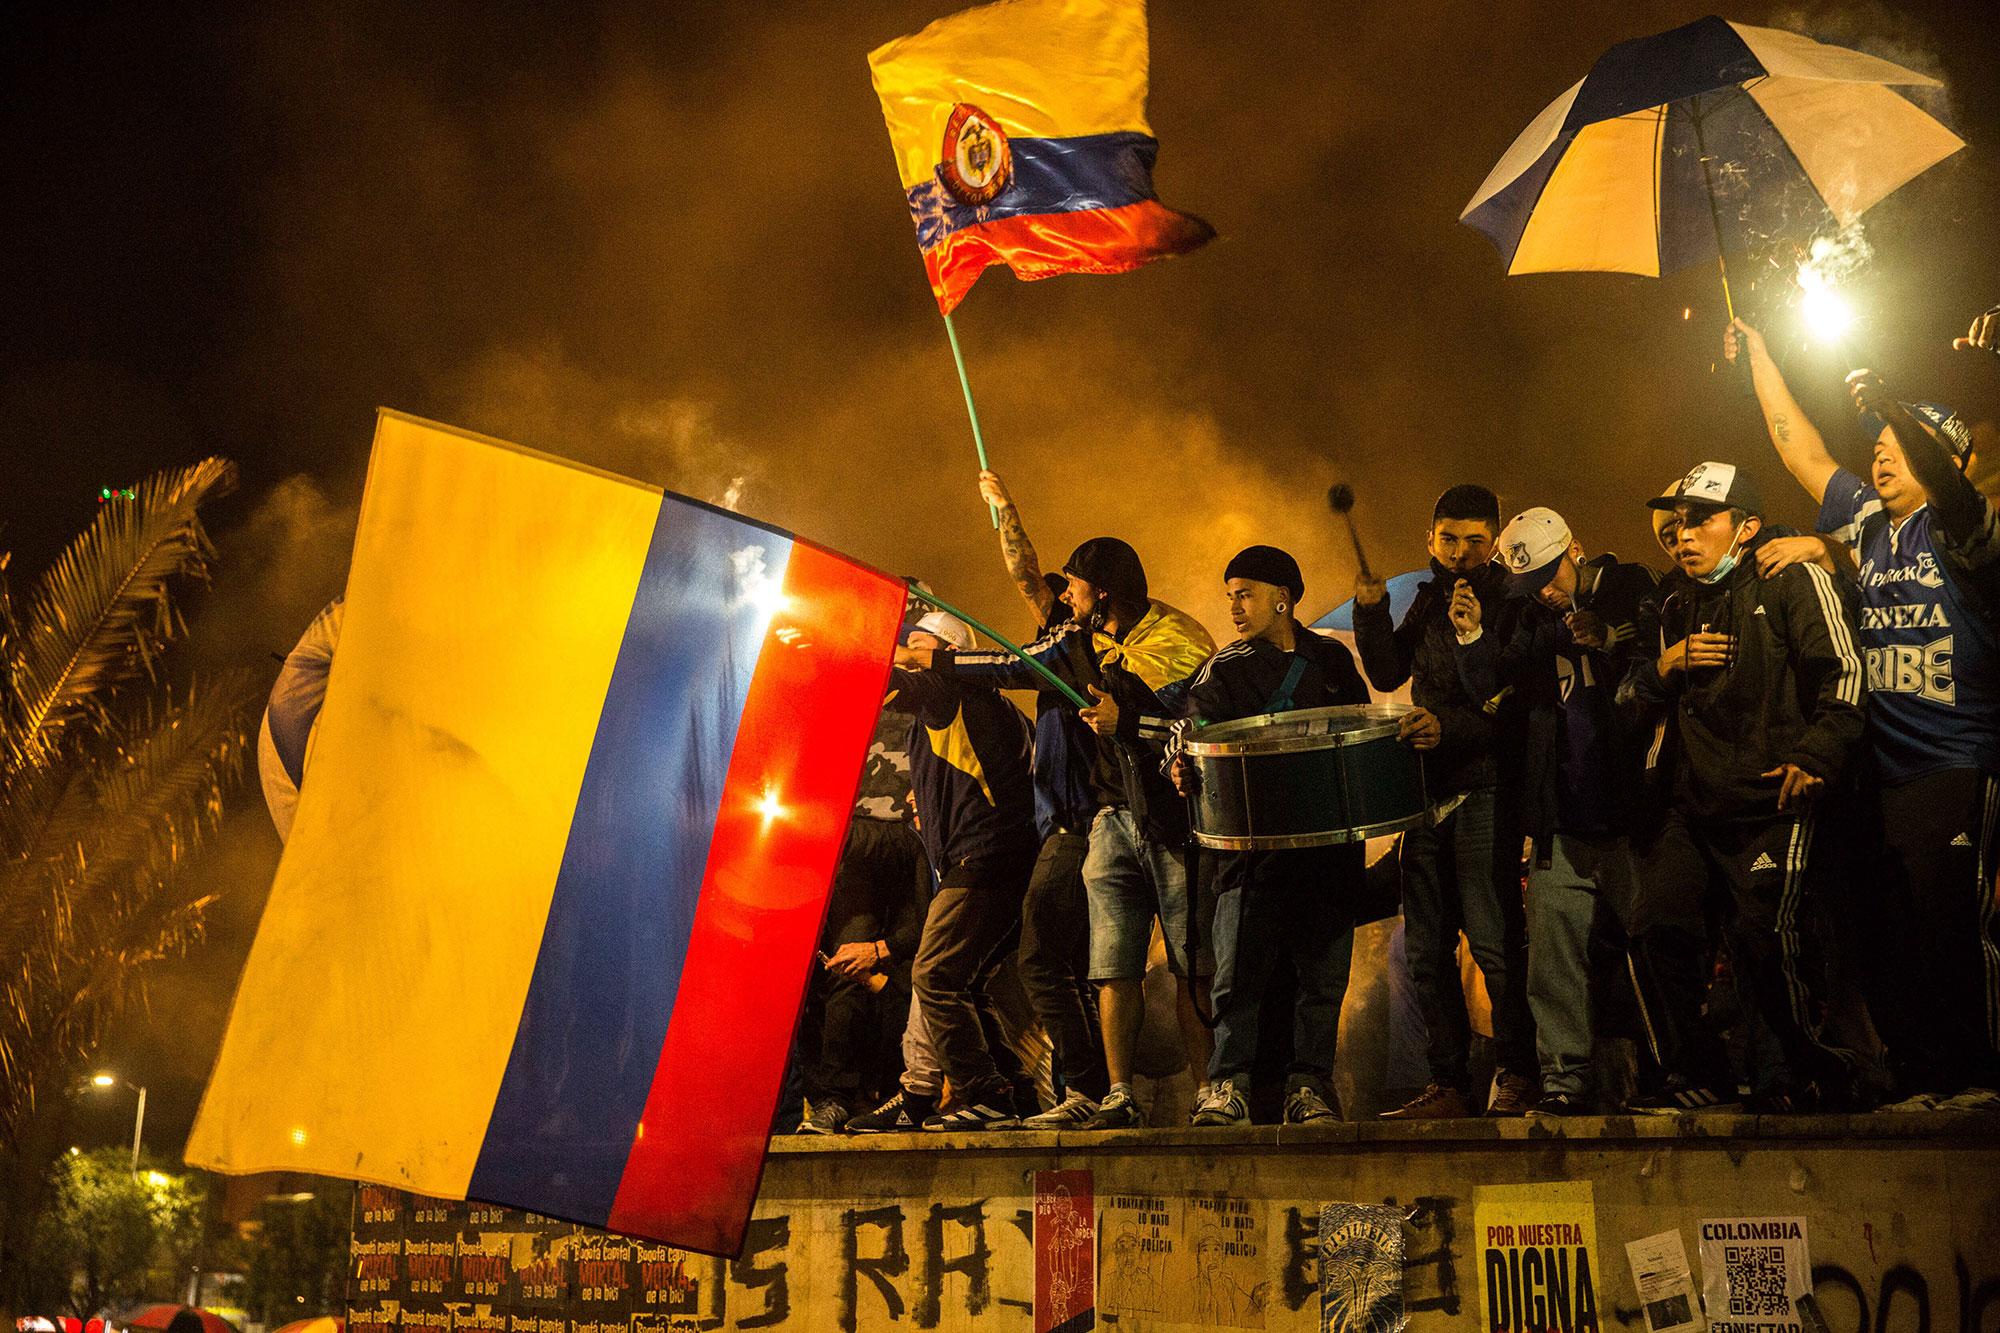 Manifestaciones Hacia Reforma En Colombia